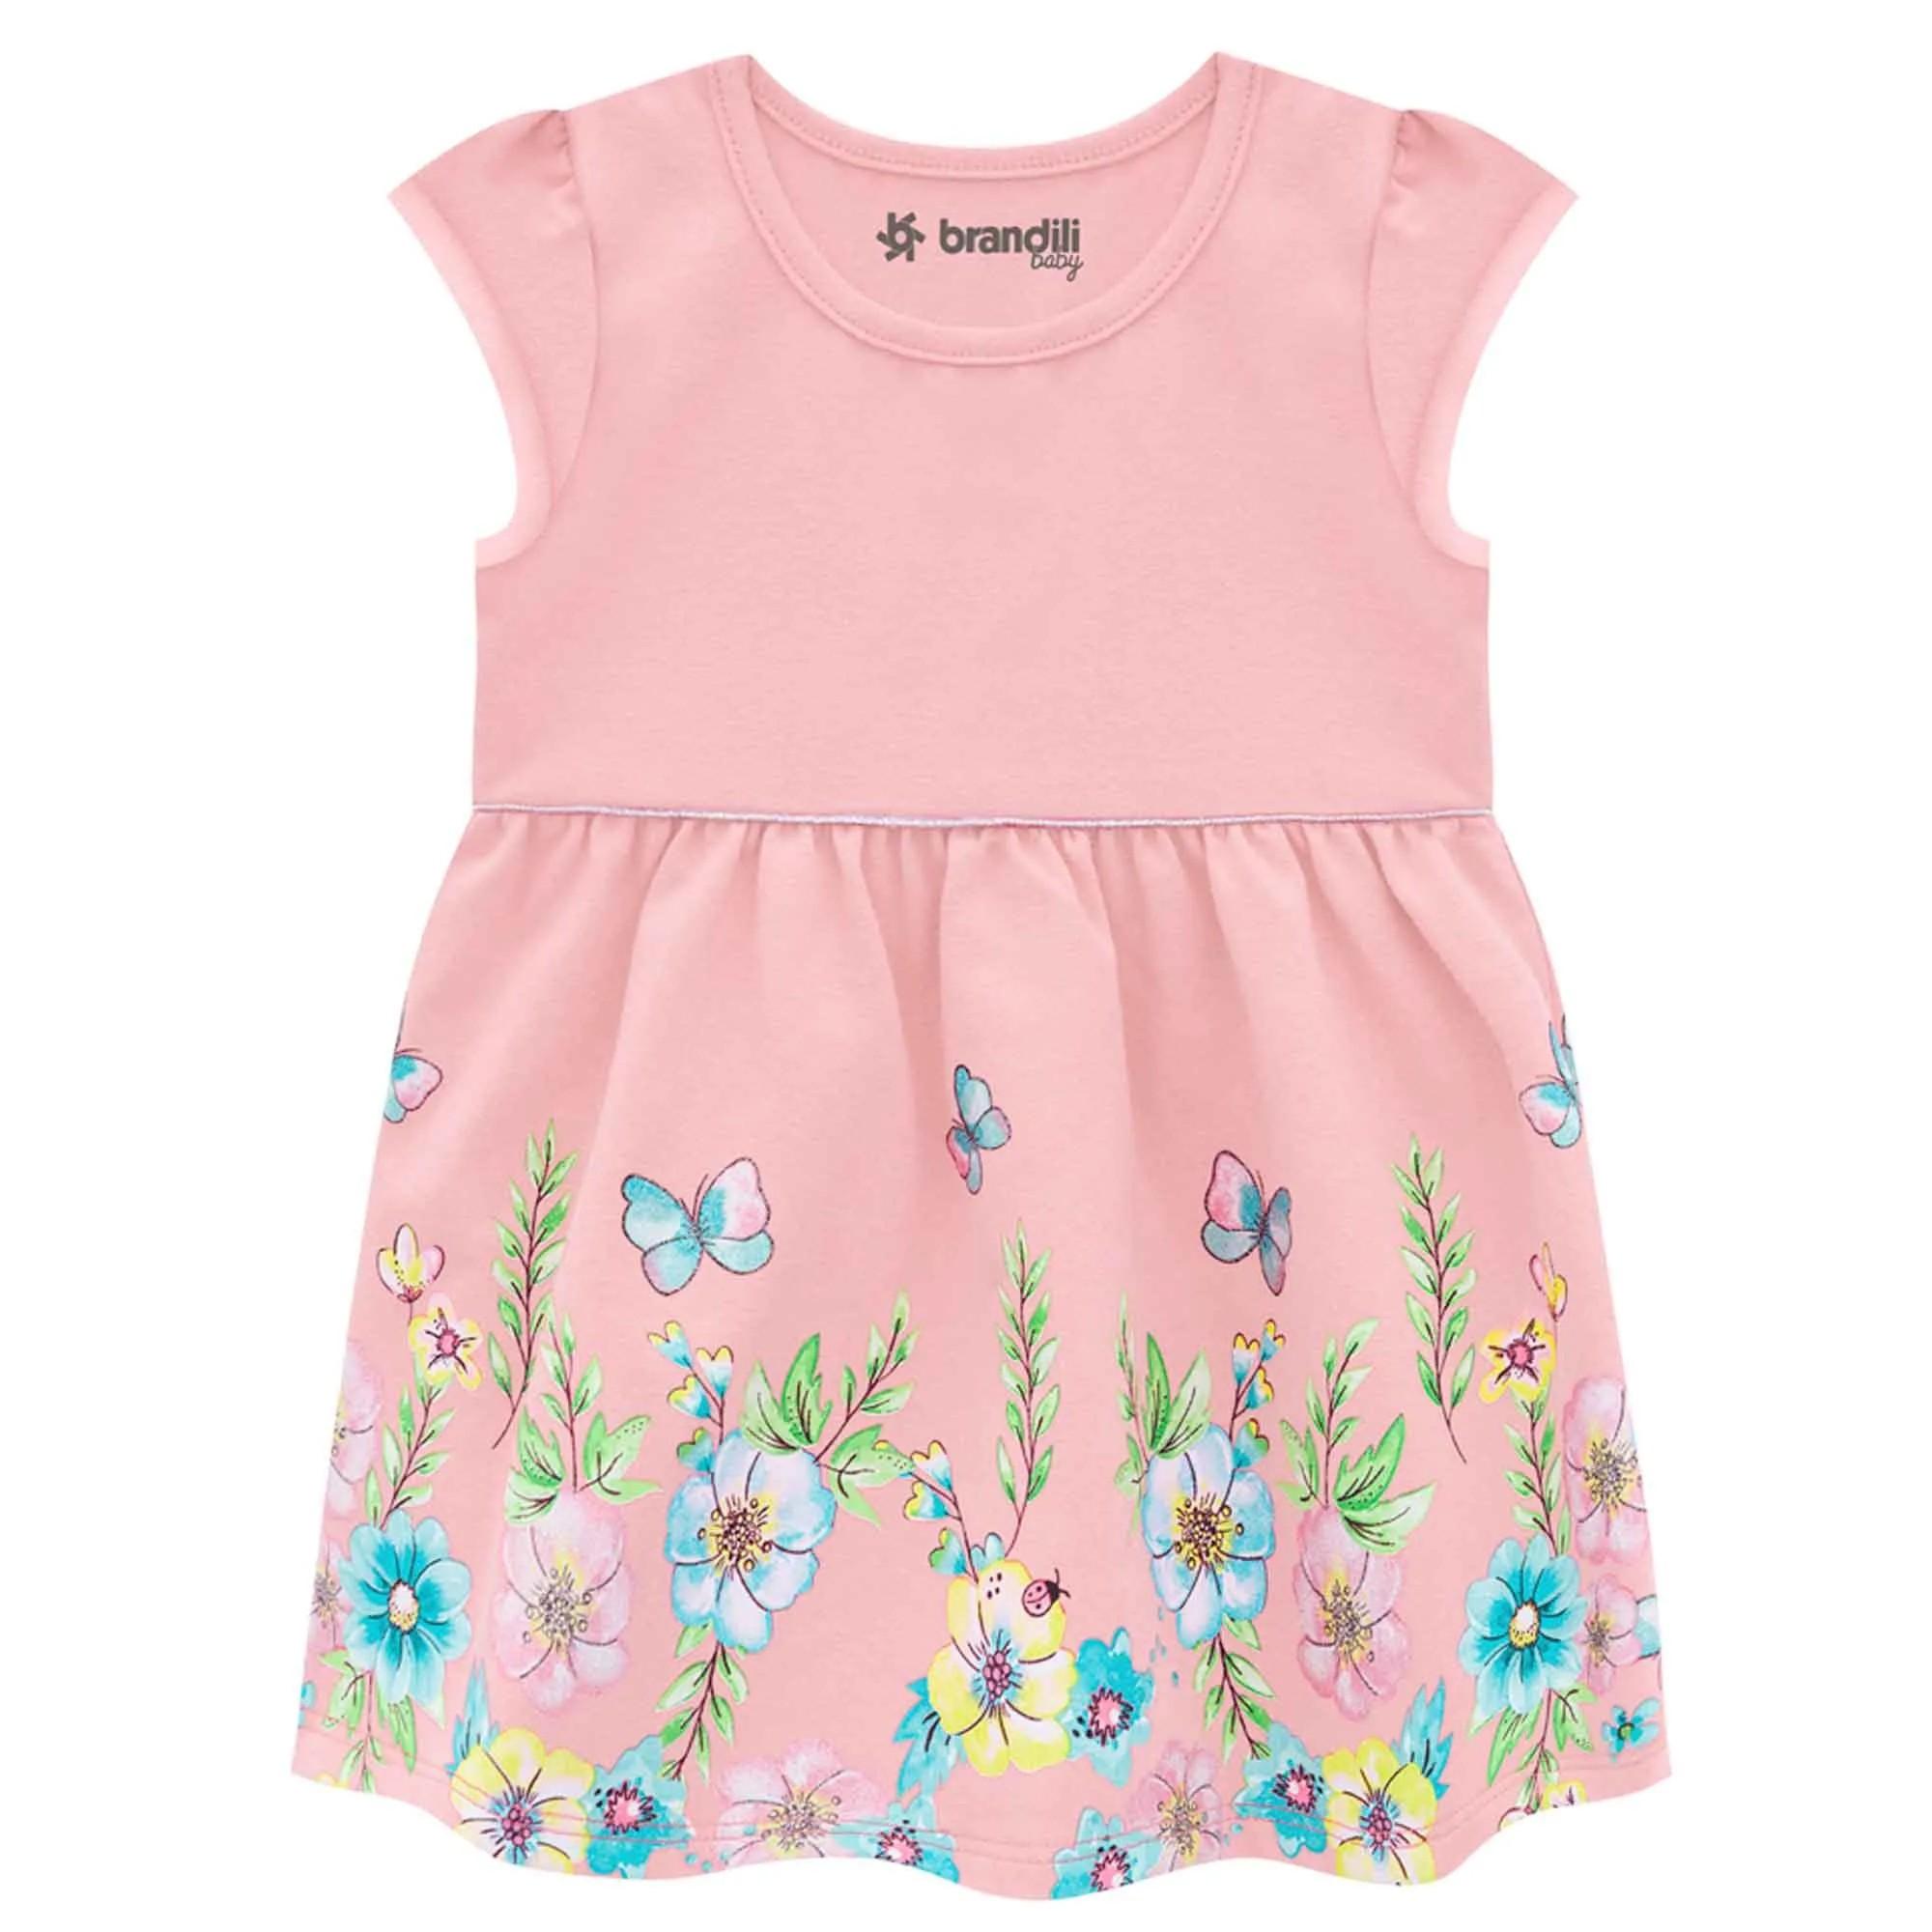 Vestido Verão Brandili Baby Cotton - Flores - P ao G